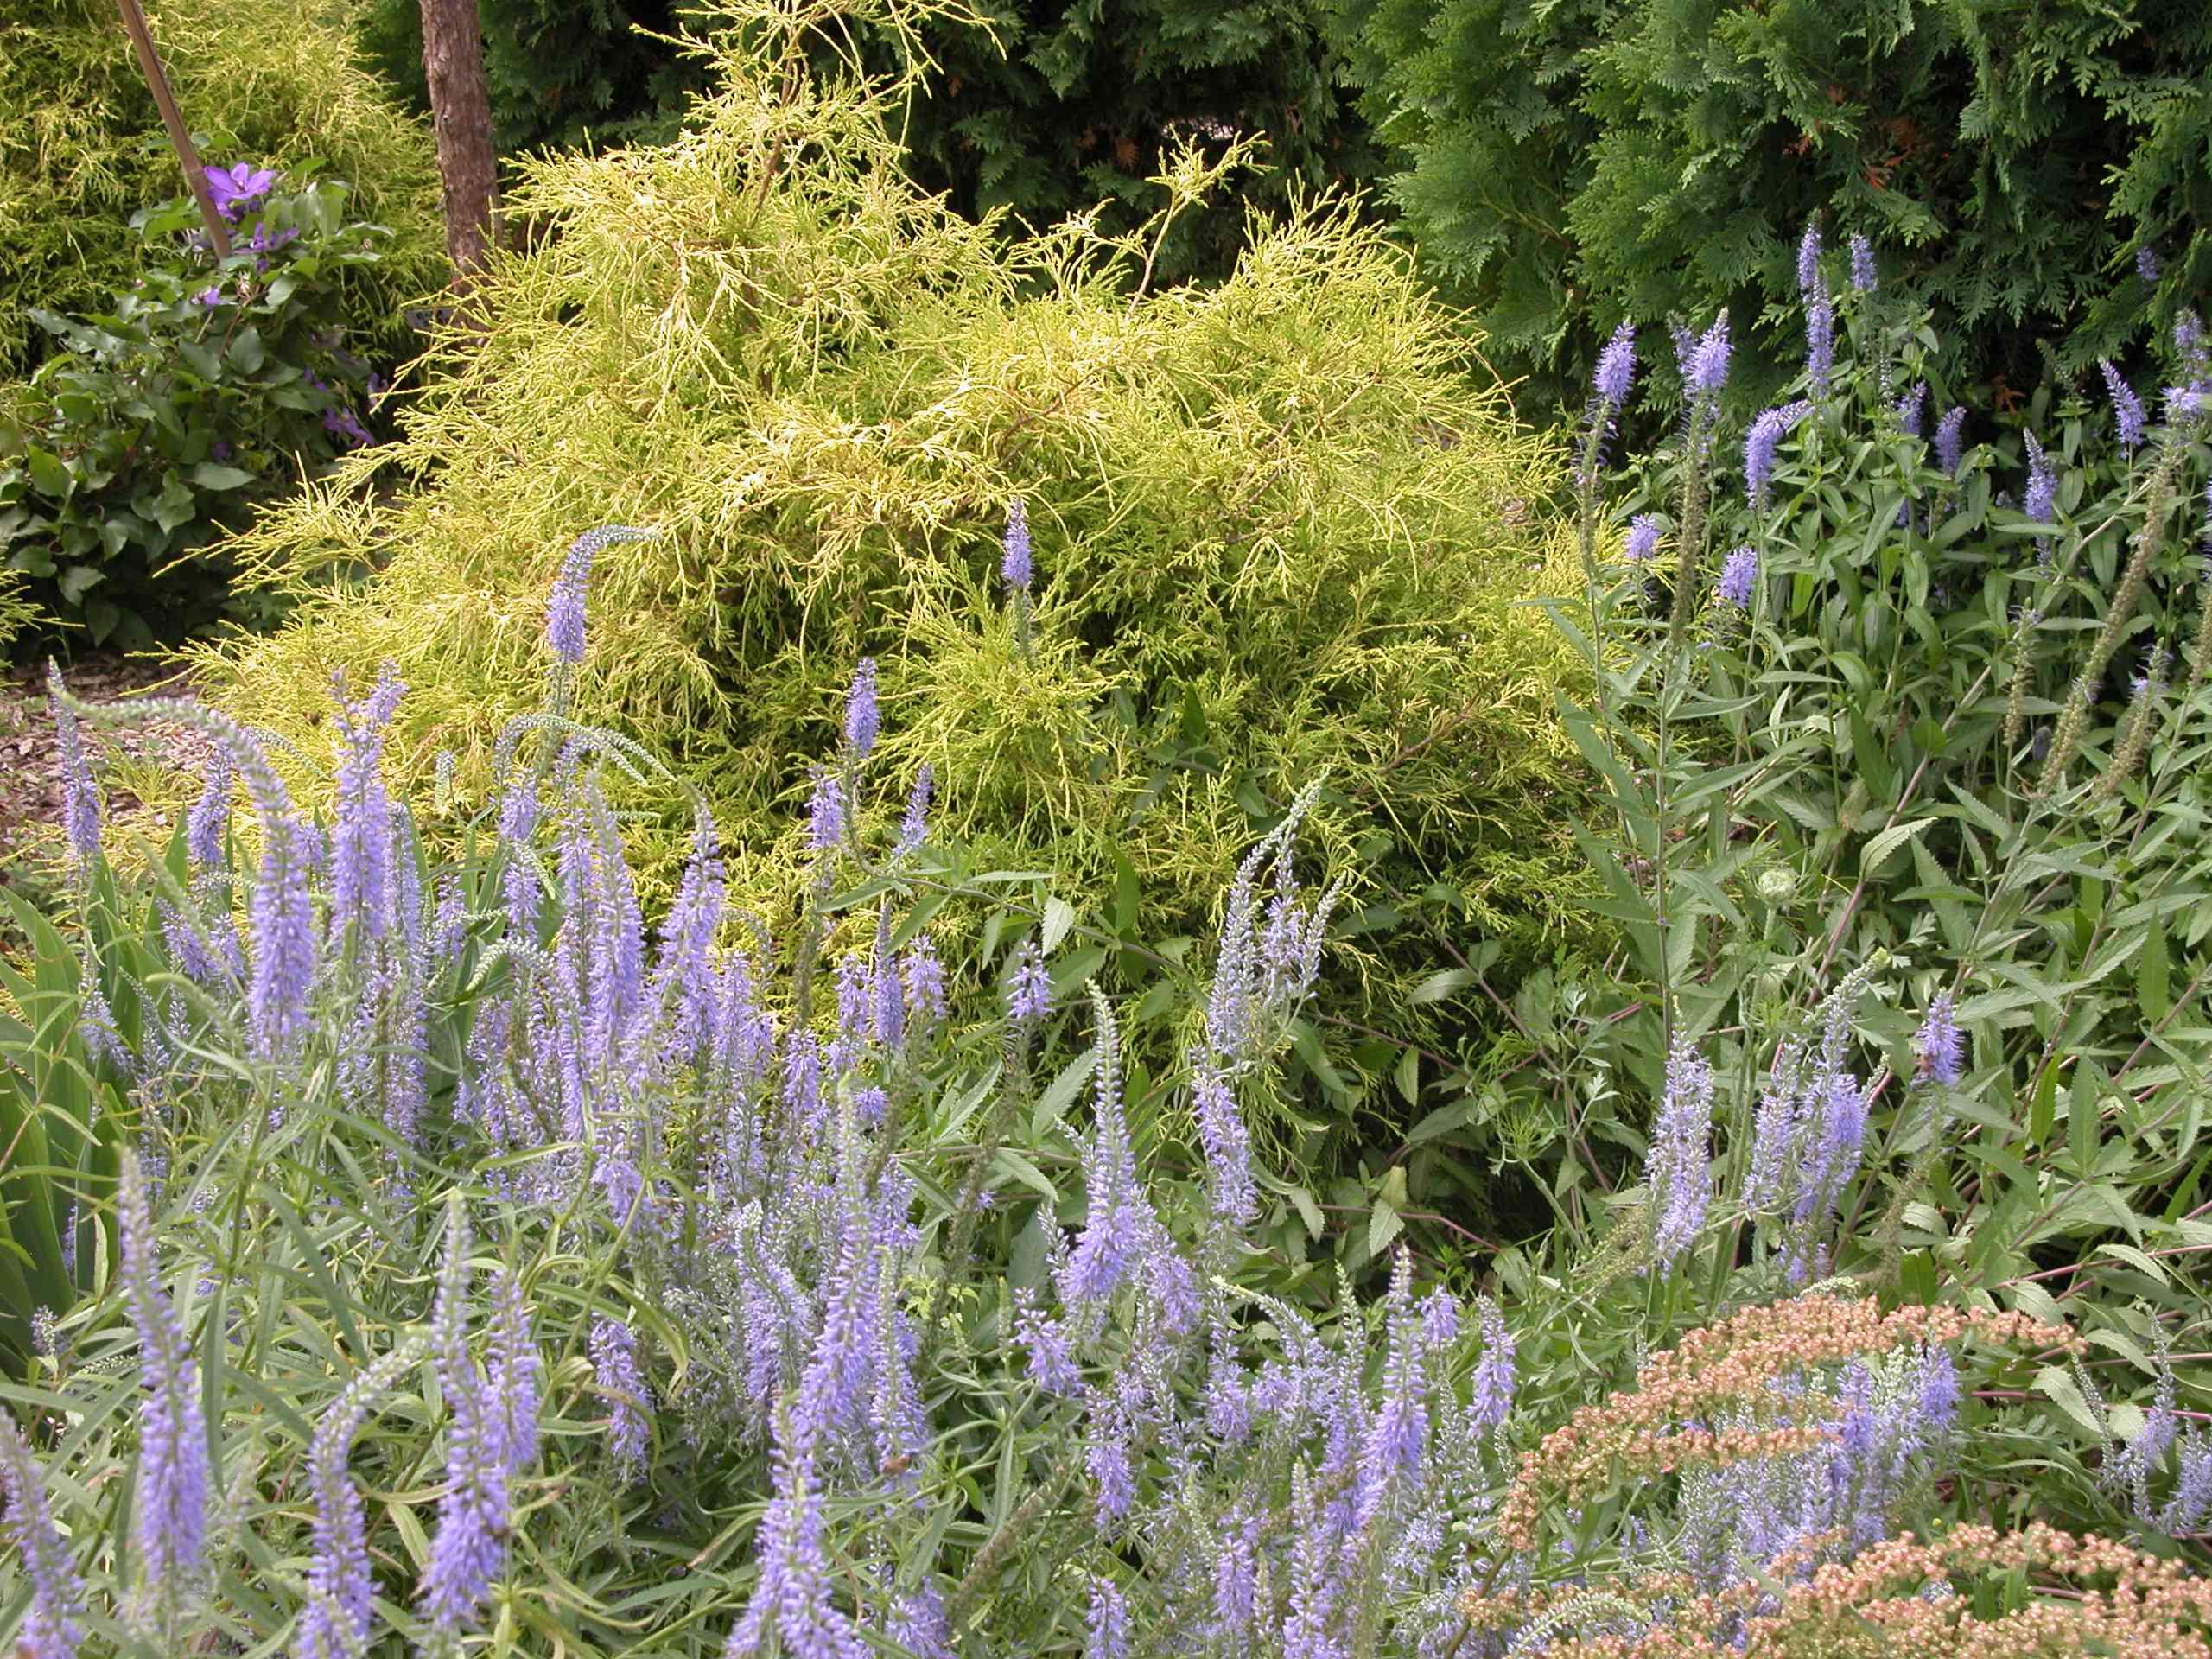 Light blue flowers among shrubs